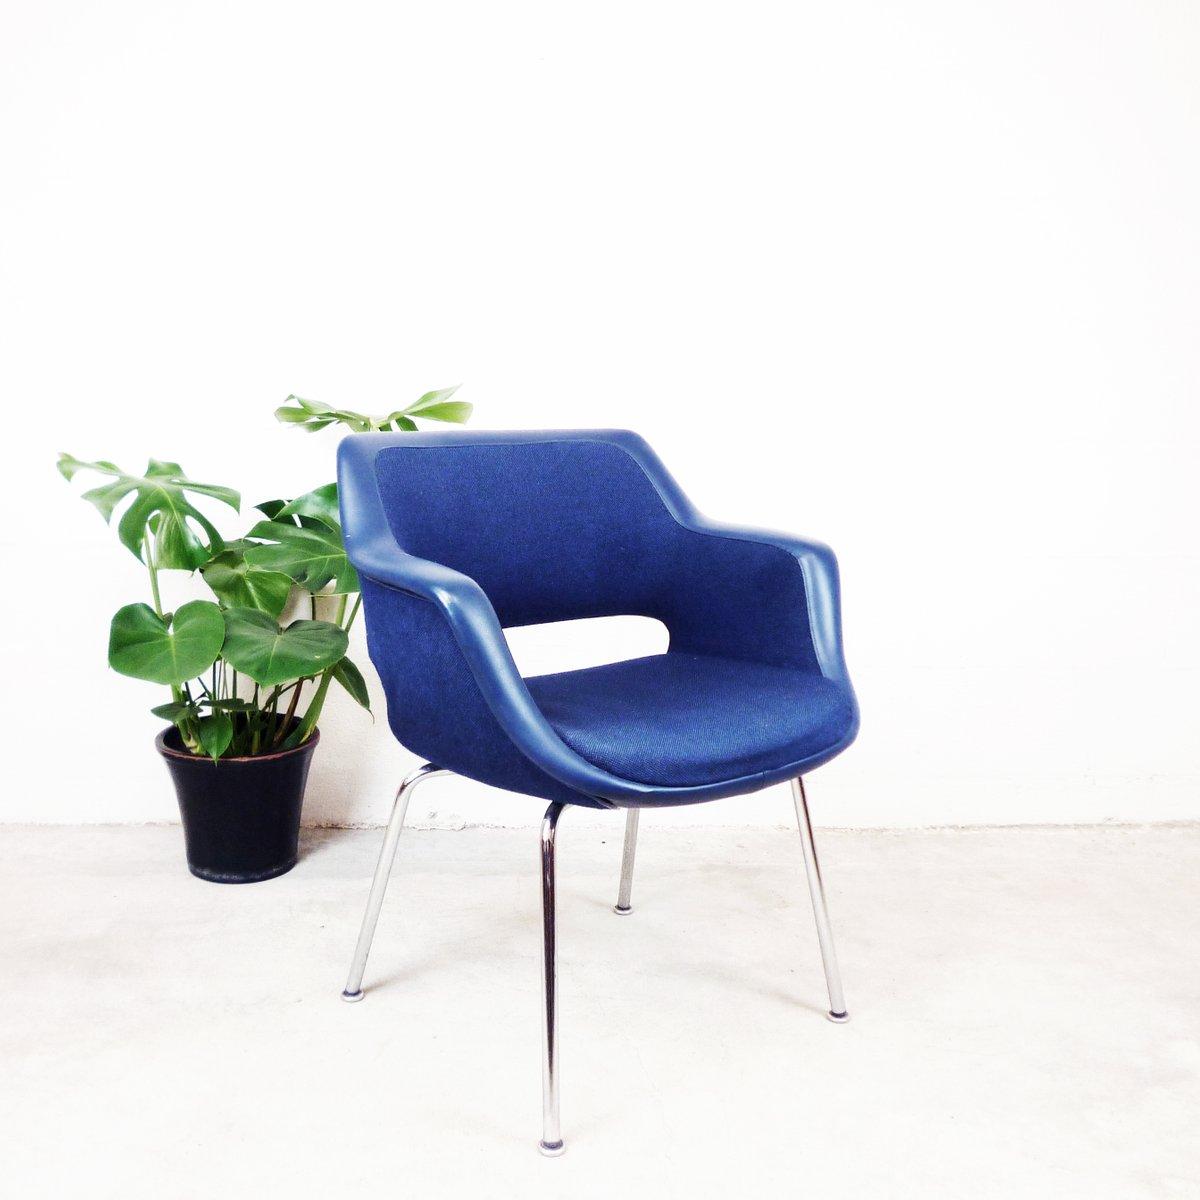 blauer vintage sessel von olli mannermaa bei pamono kaufen. Black Bedroom Furniture Sets. Home Design Ideas